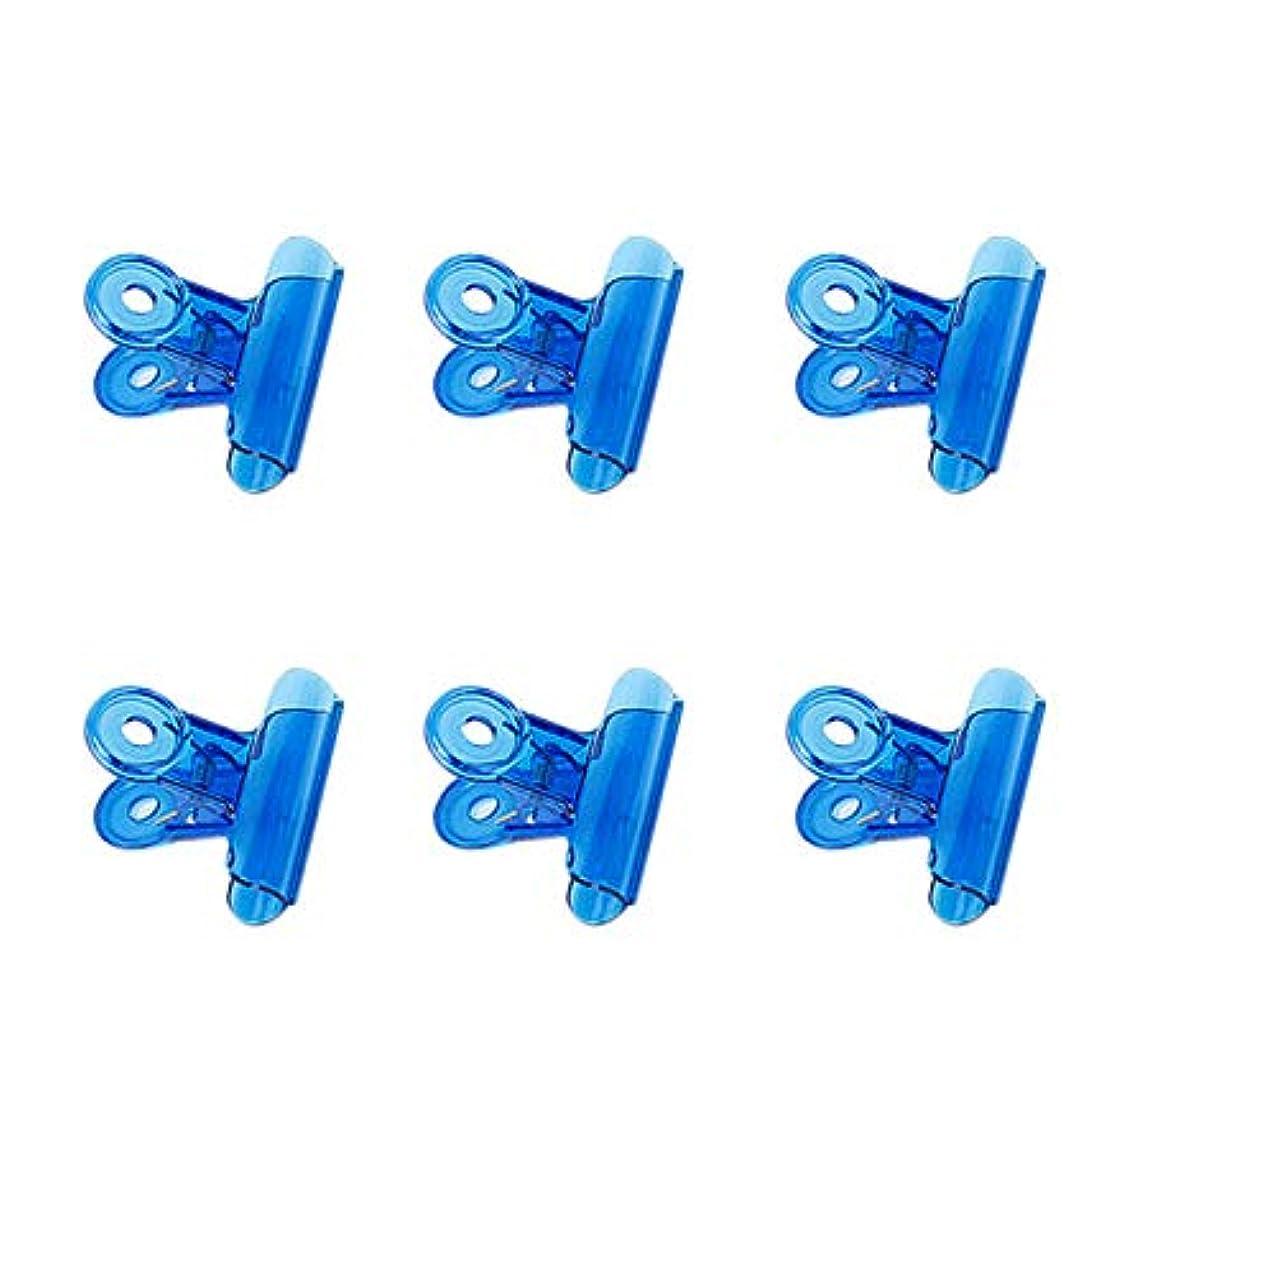 福祉どのくらいの頻度で論争CUHAWUDBA 6個/セット Cカーブネイルピンチクリップ 多機能ツール アクリルネイルピンチャー ペンチブルー